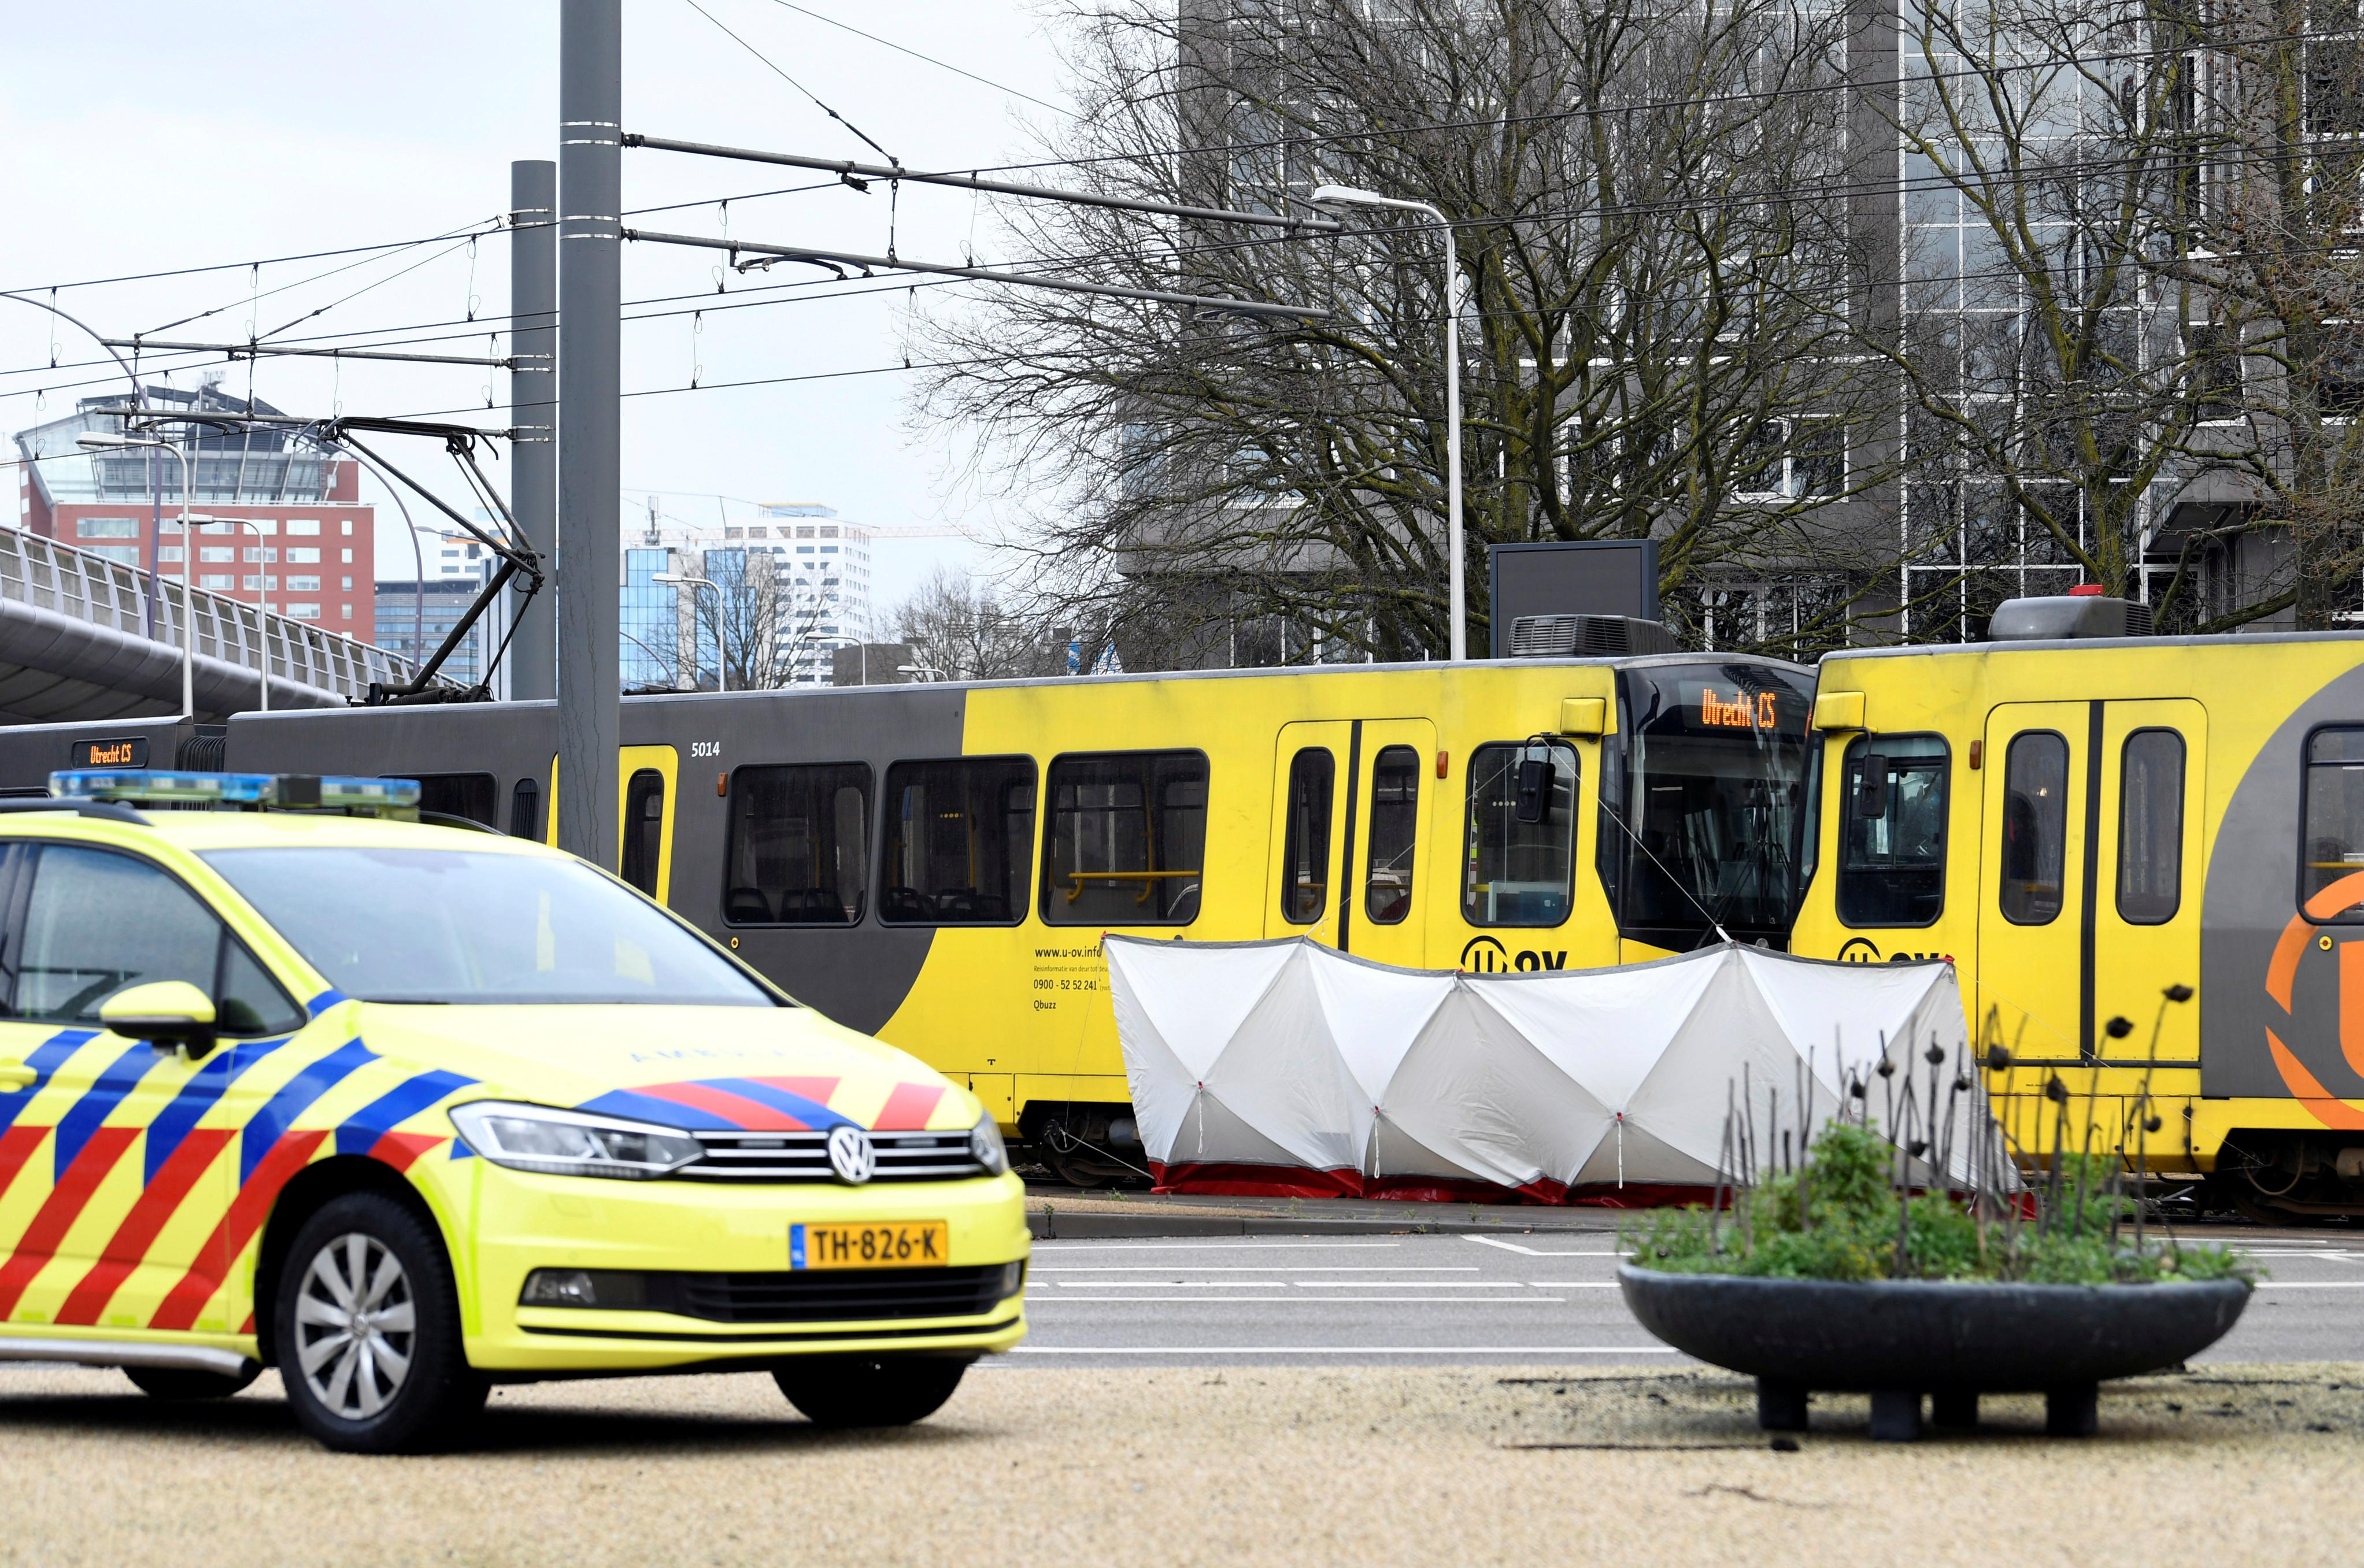 Utrecht: Terrorismo ou divergências familiares? O que continua por apurar